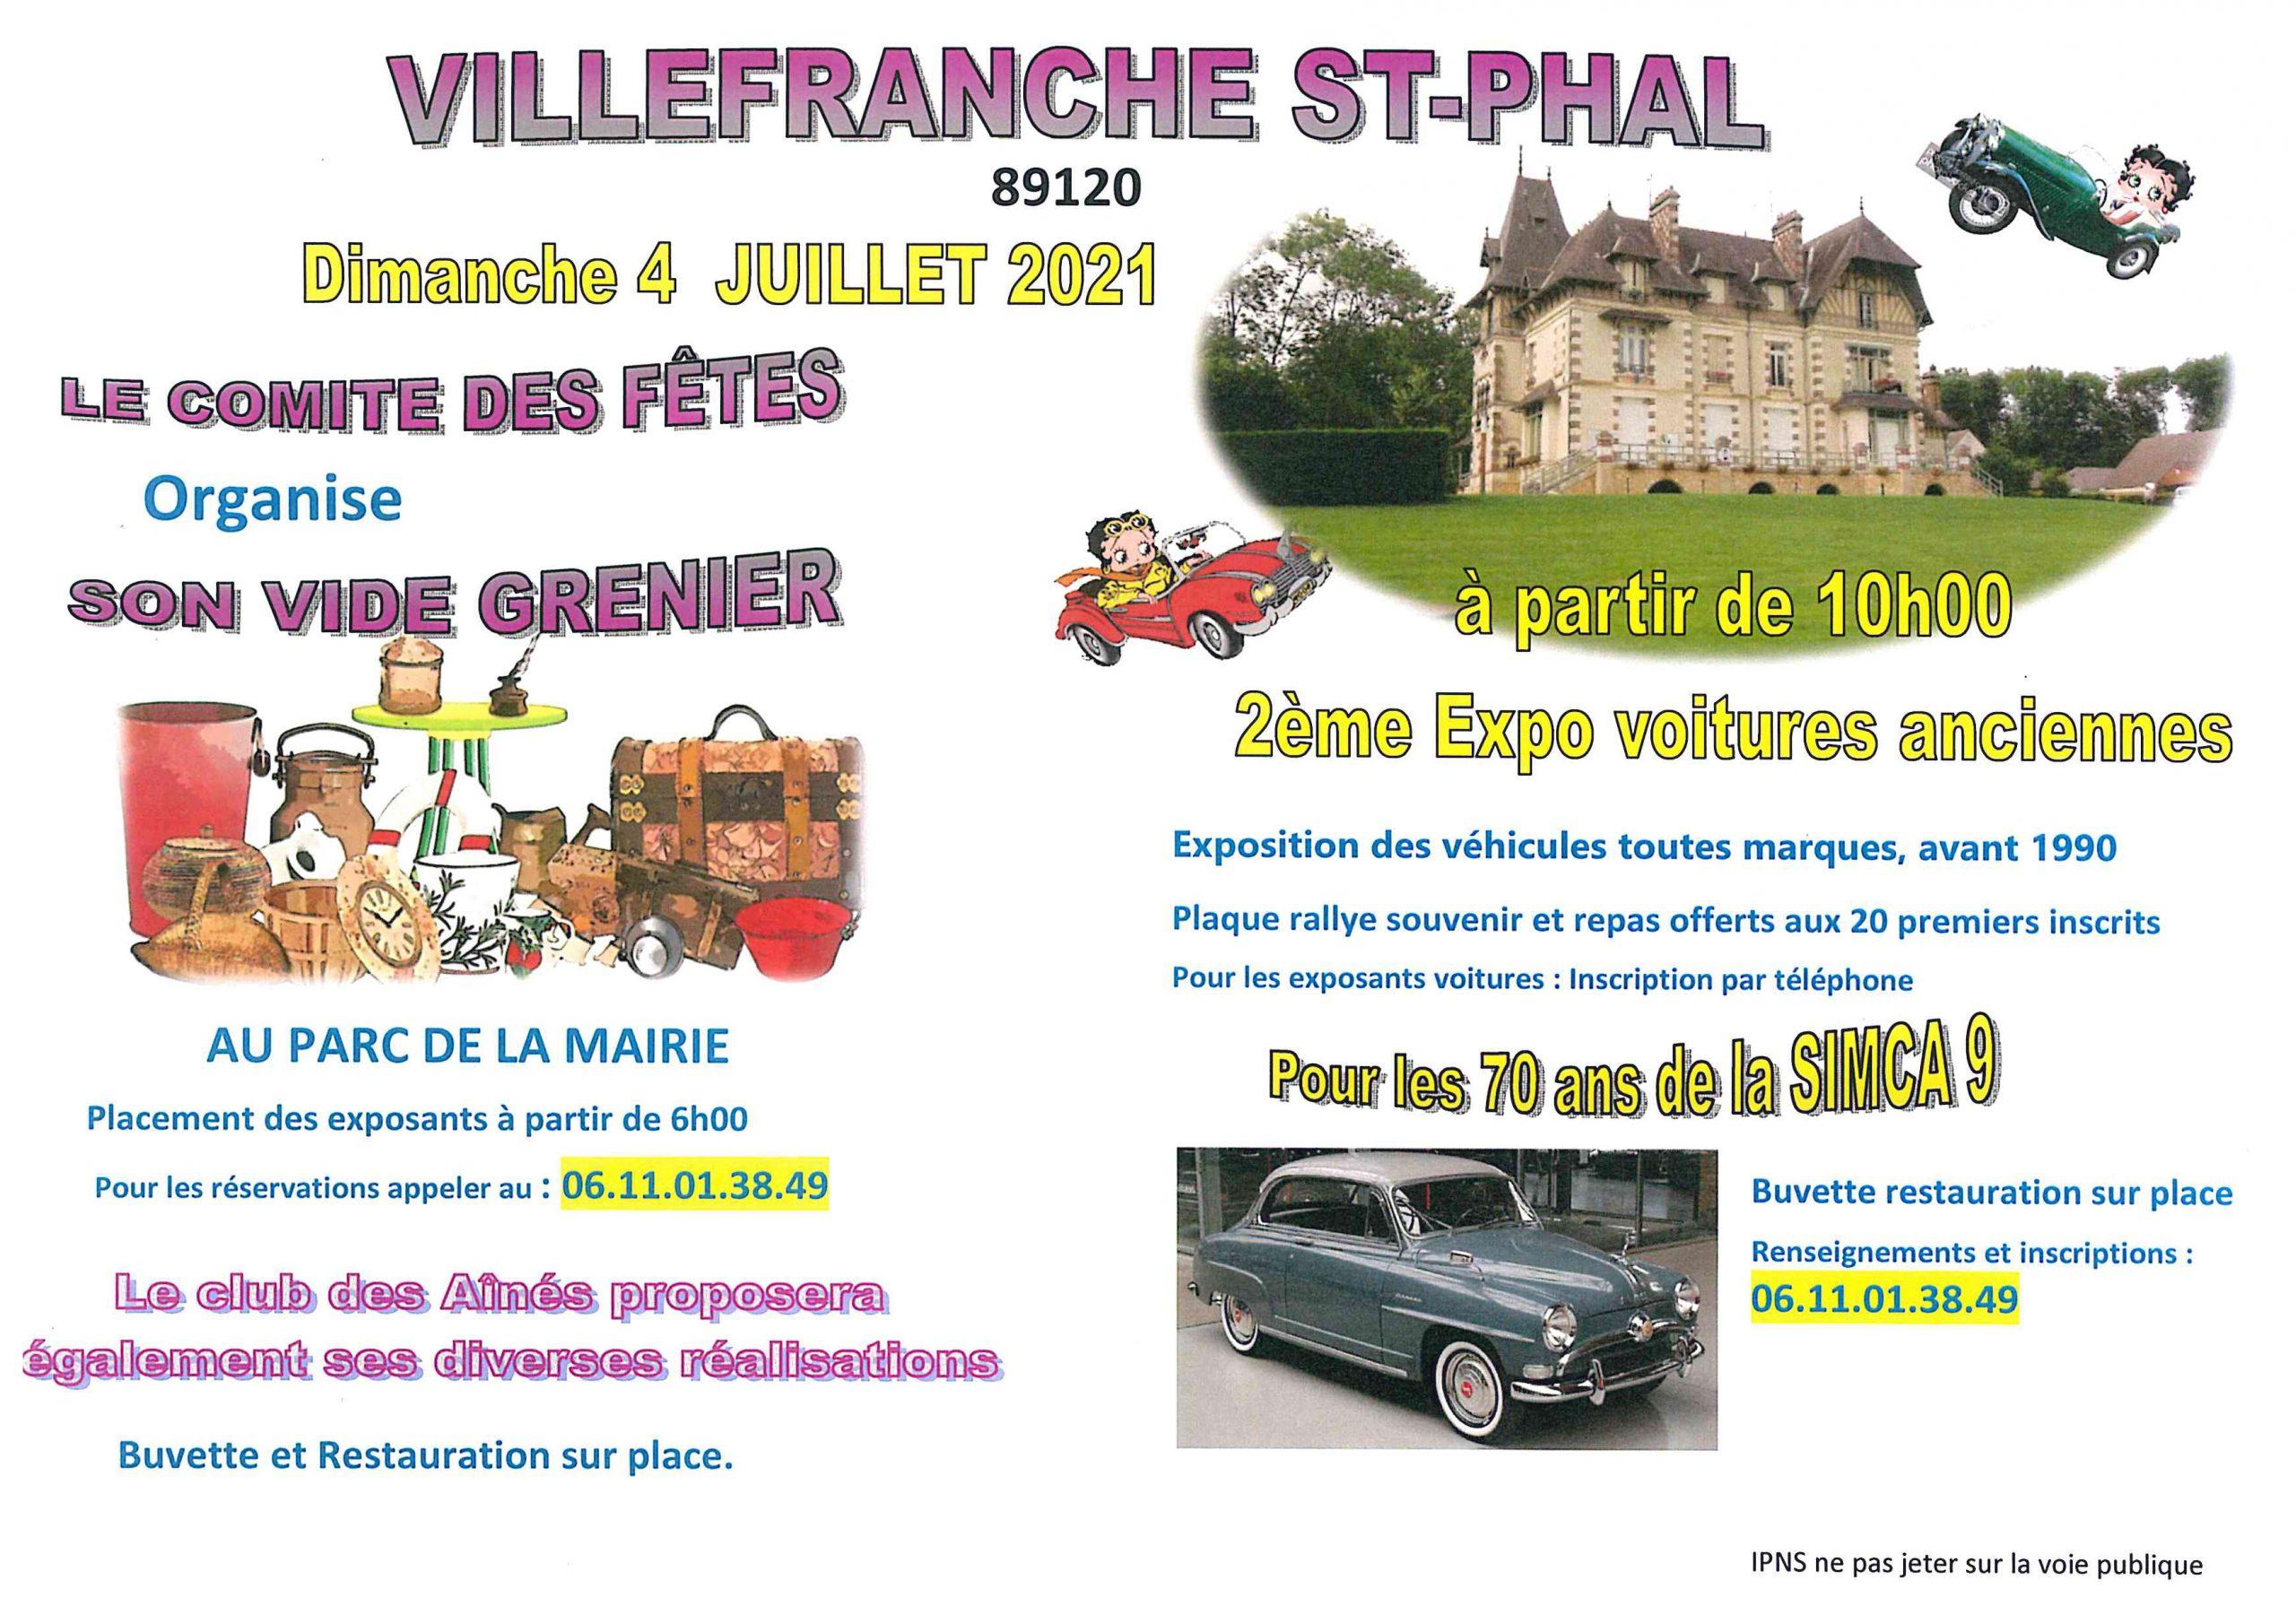 Villefranche Vide grenier et Expo de voitures anciennes dimanche 4 juillet 2021